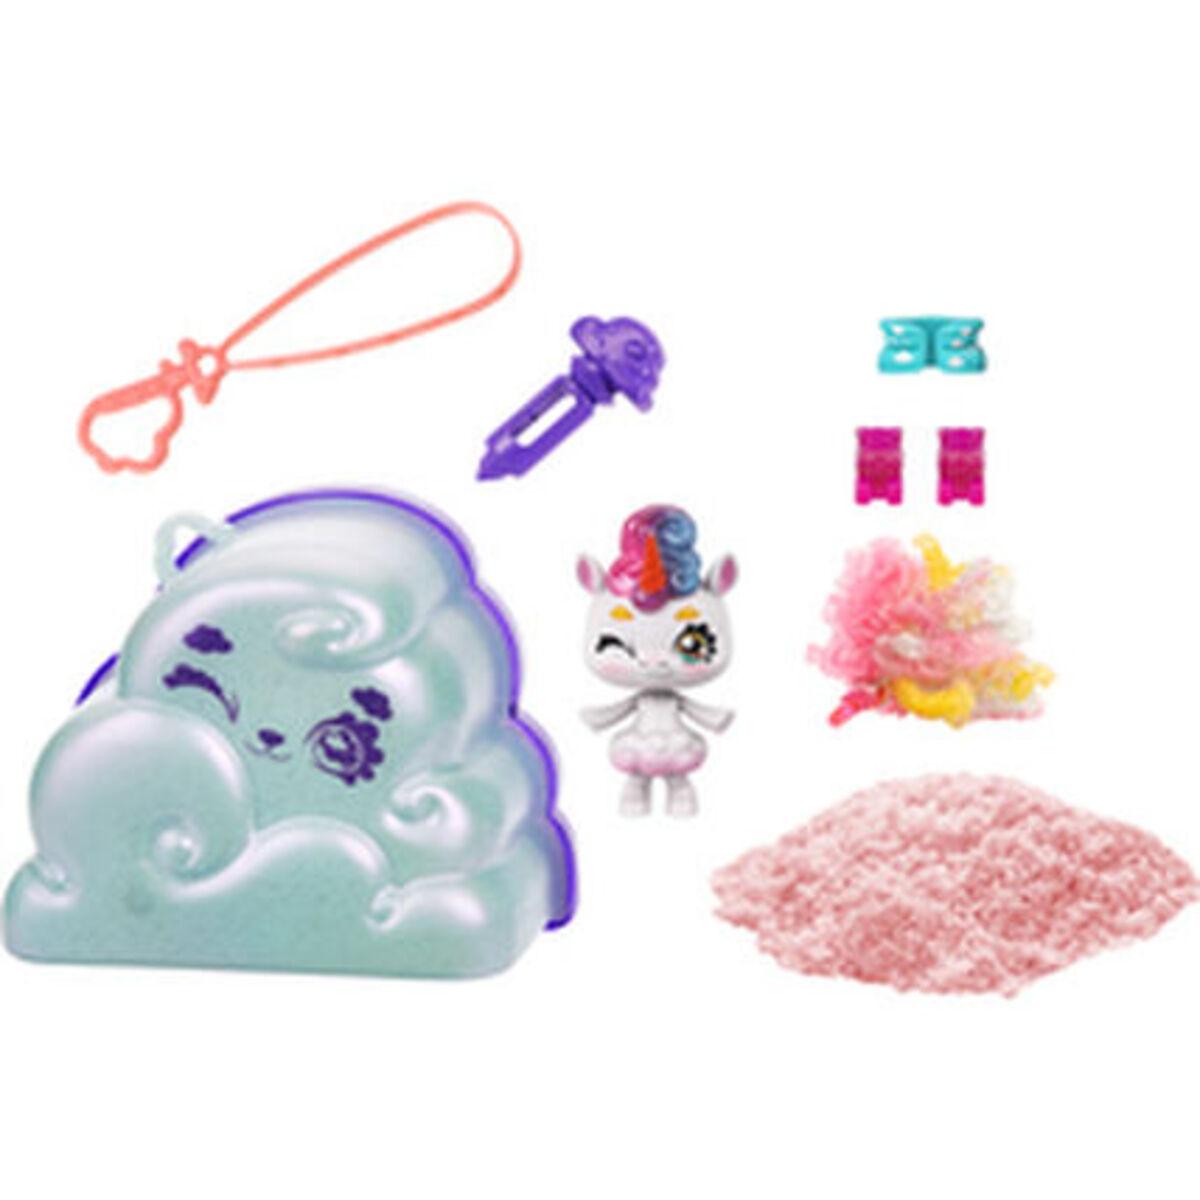 Bild 2 von Mattel Cloudees Sammelfiguren